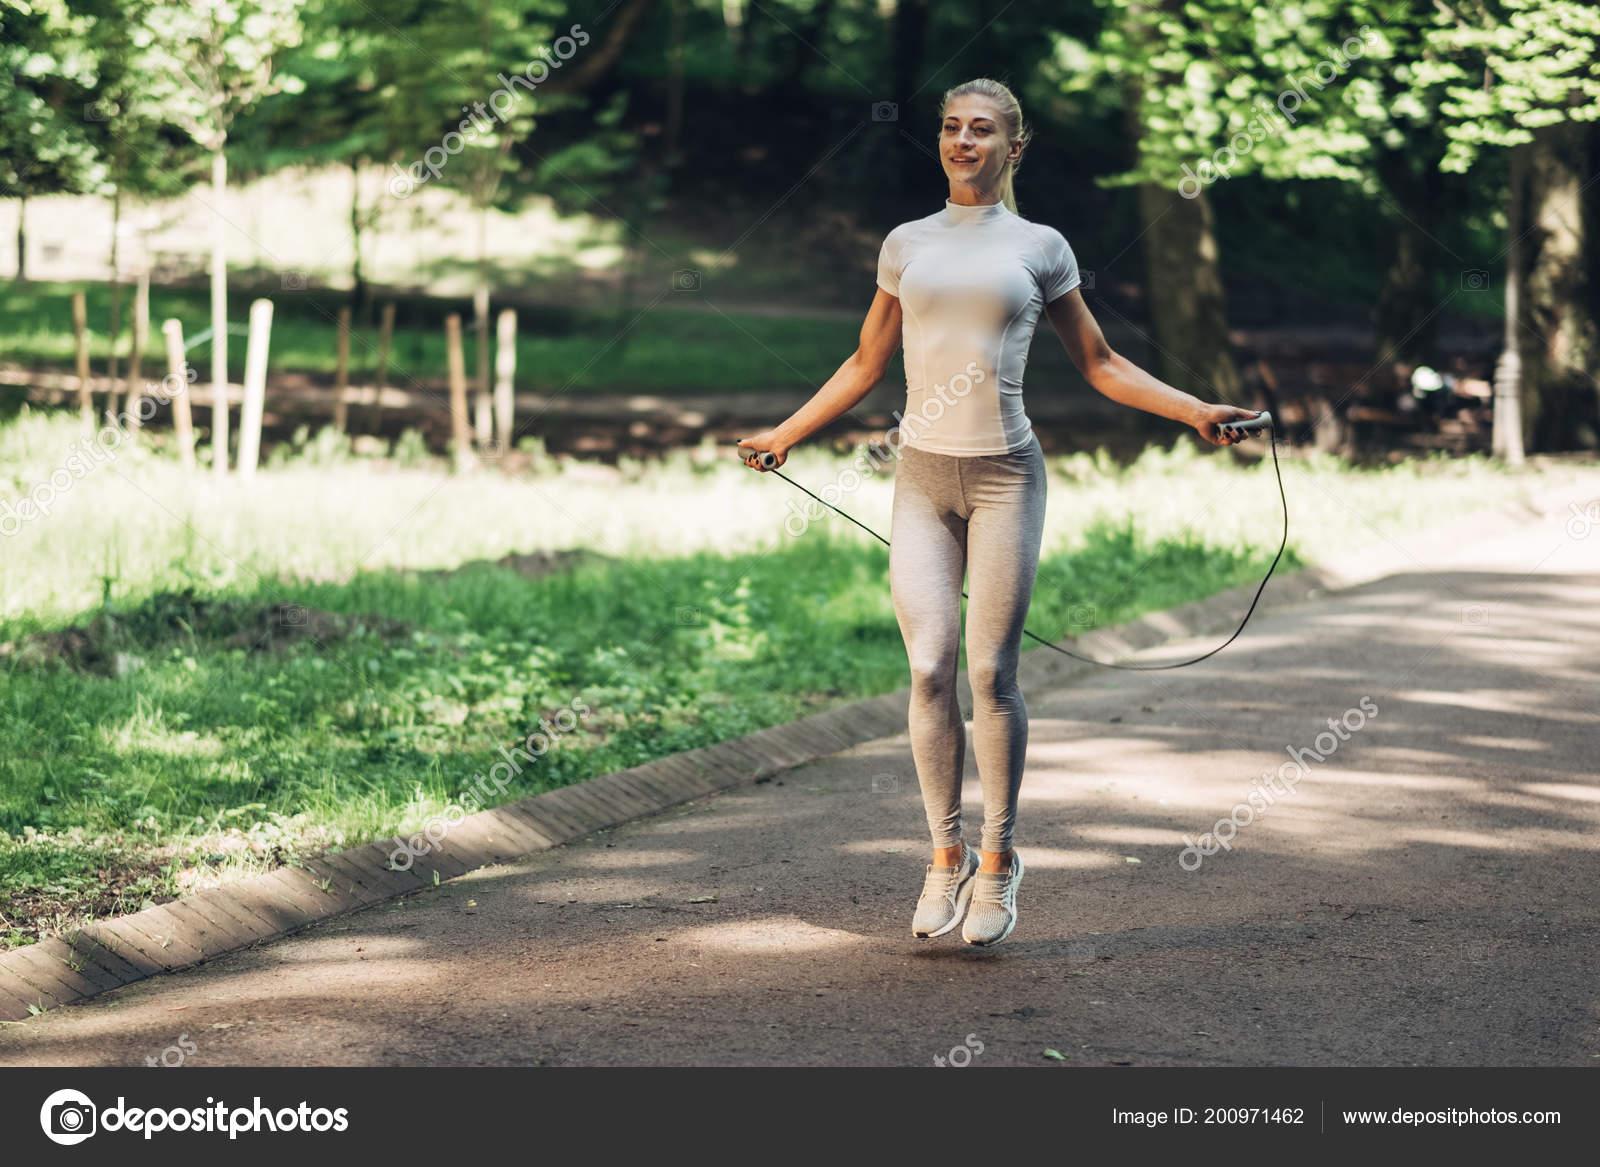 Retrato Mujer Joven Fit Con Saltar Cuerda Parque Fitness Mujer — Foto de  Stock 79a41020646